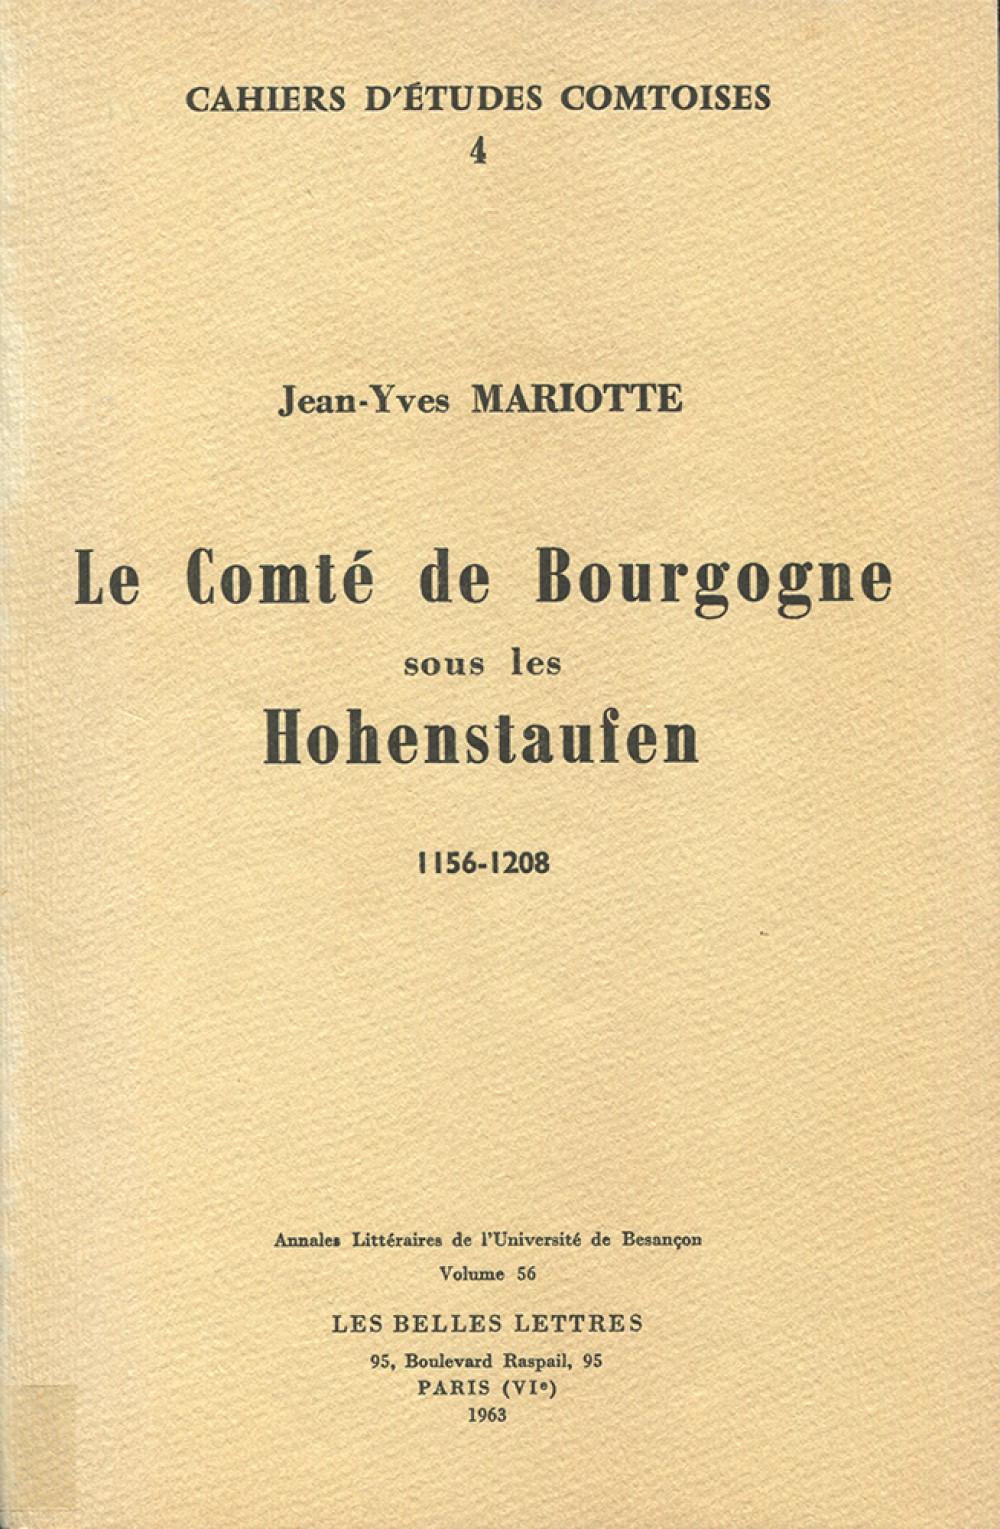 Le comté de Bourgogne sur les Hohenstaufen (1156-1208)